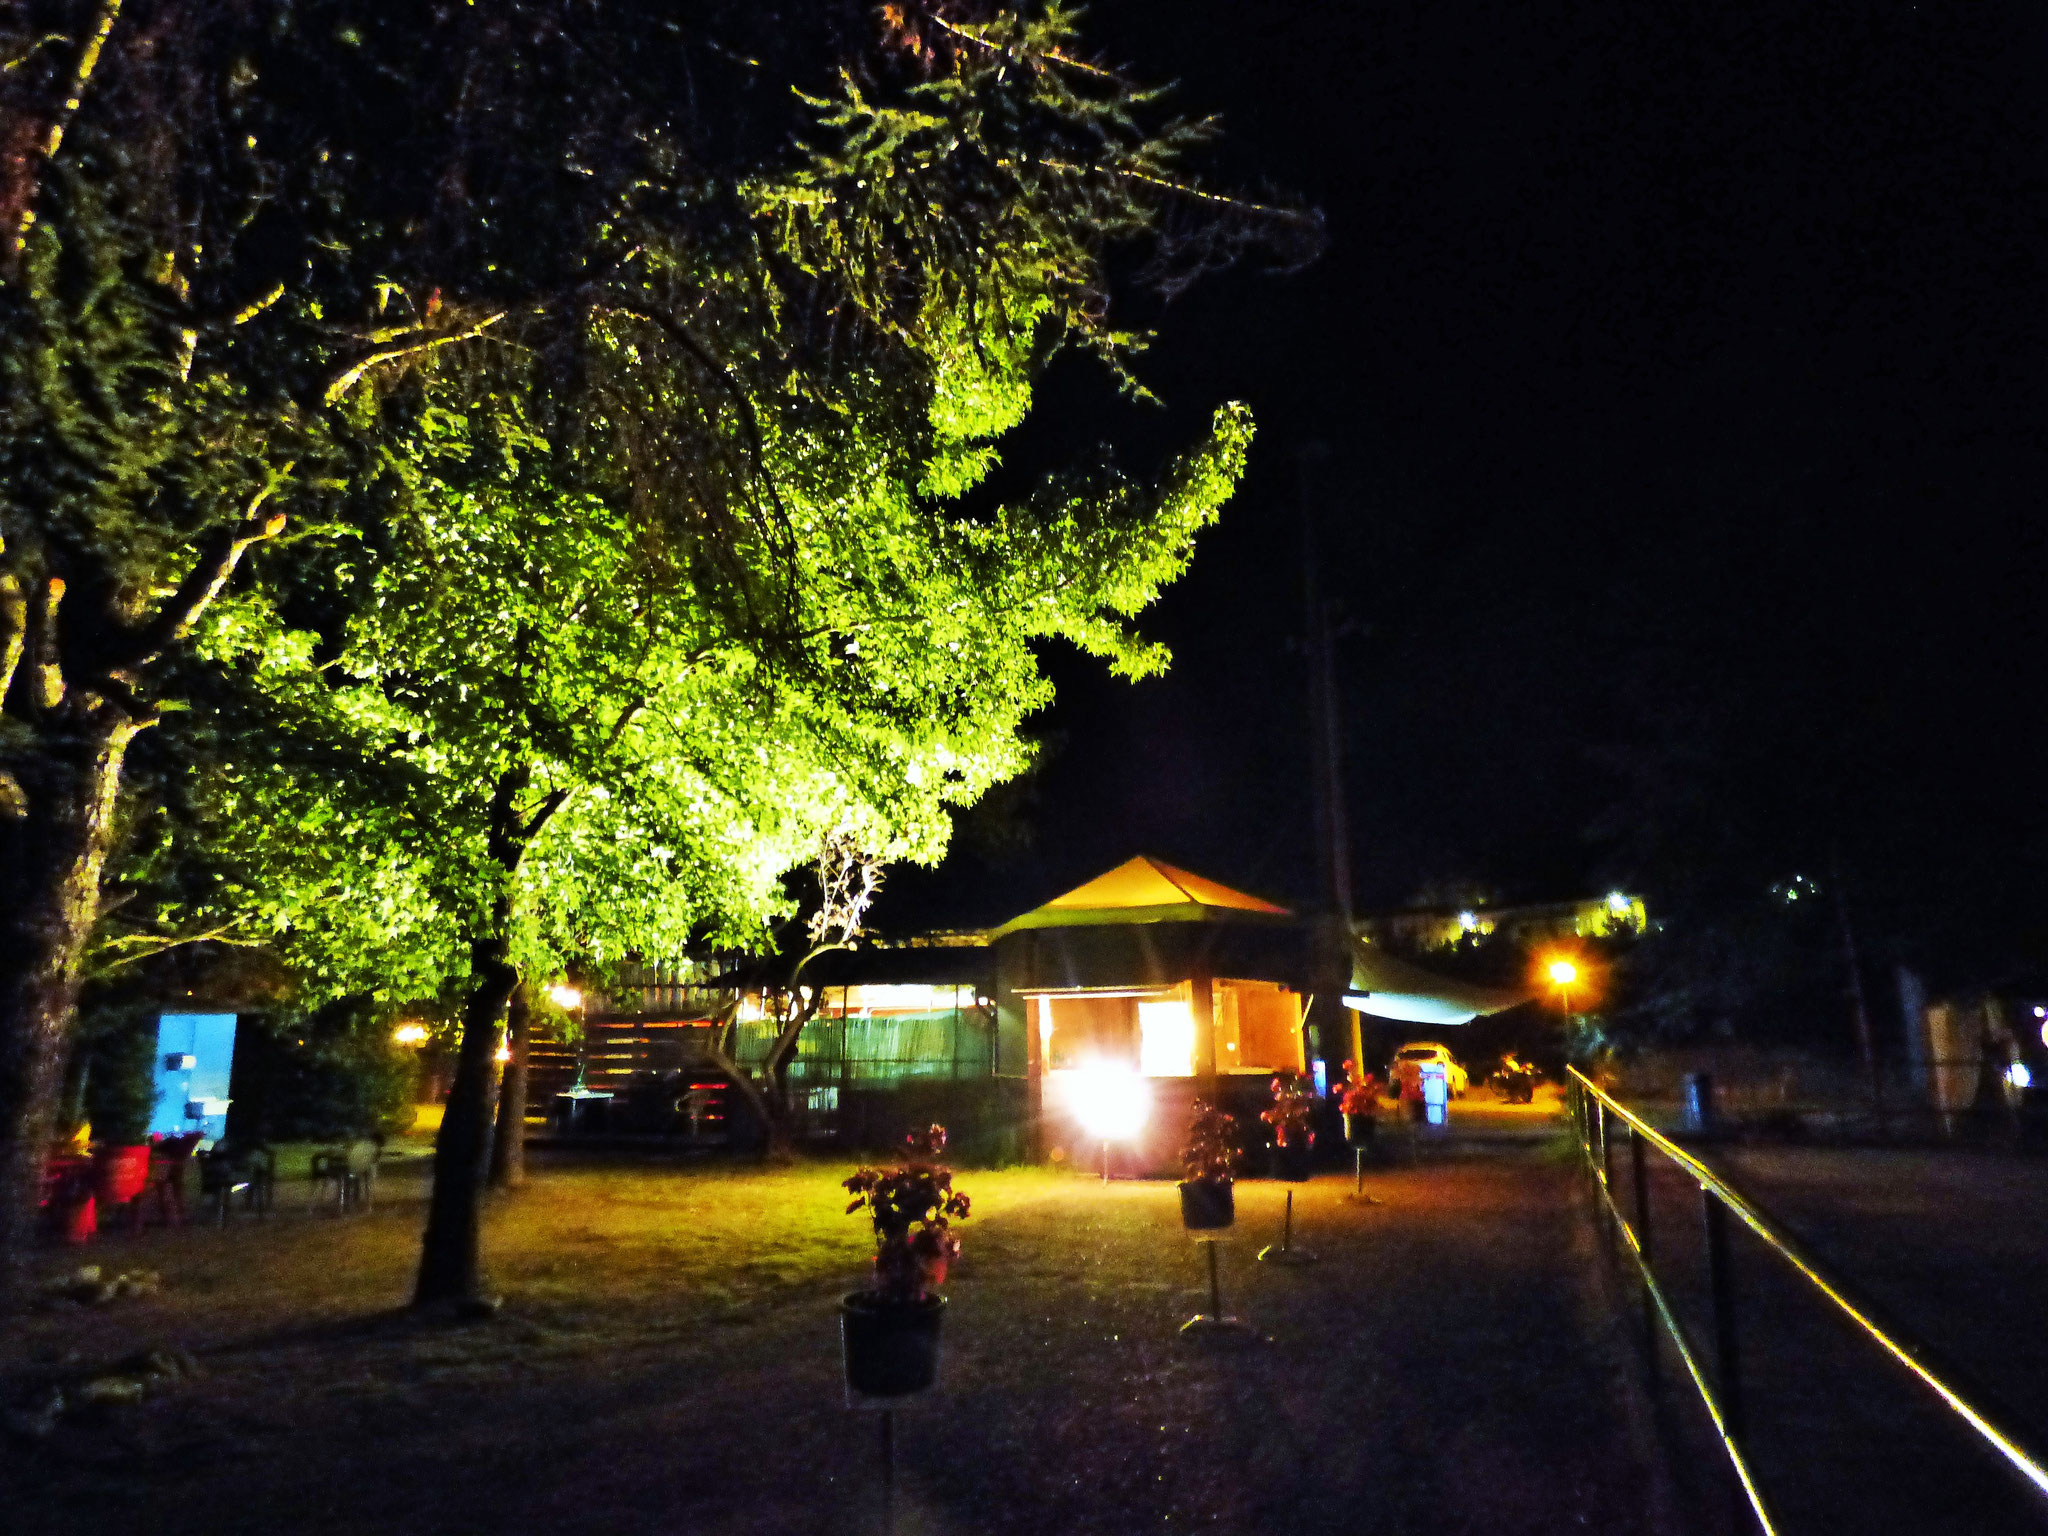 piscina perino cinema sotto le stelle 21 agosto